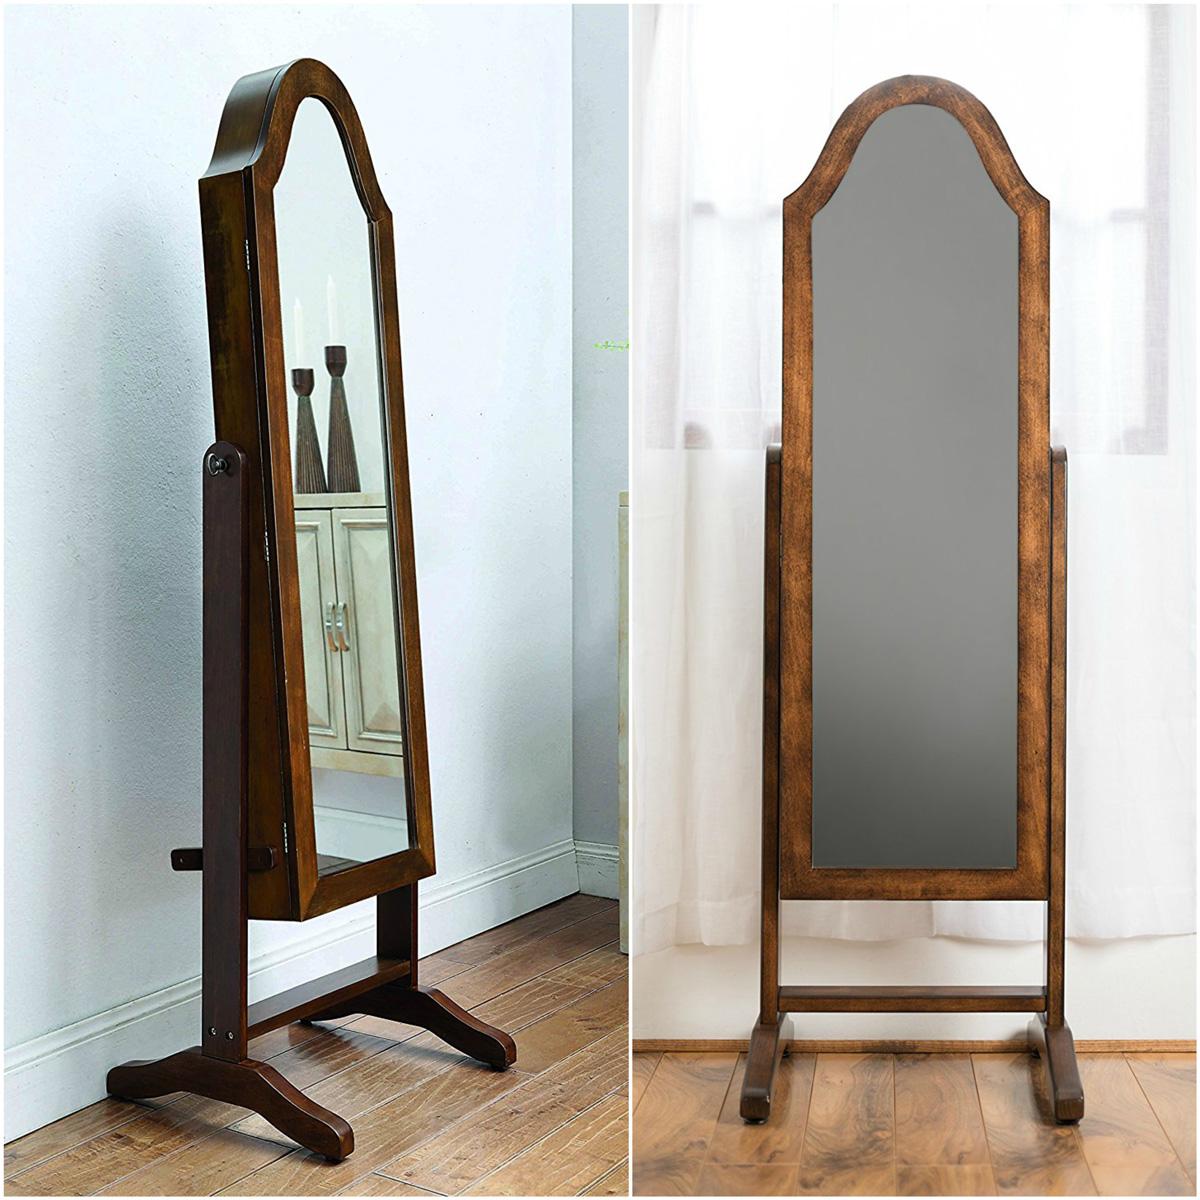 25 Beautiful Mirrored Jewelry Armoires | Zen Merchandiser